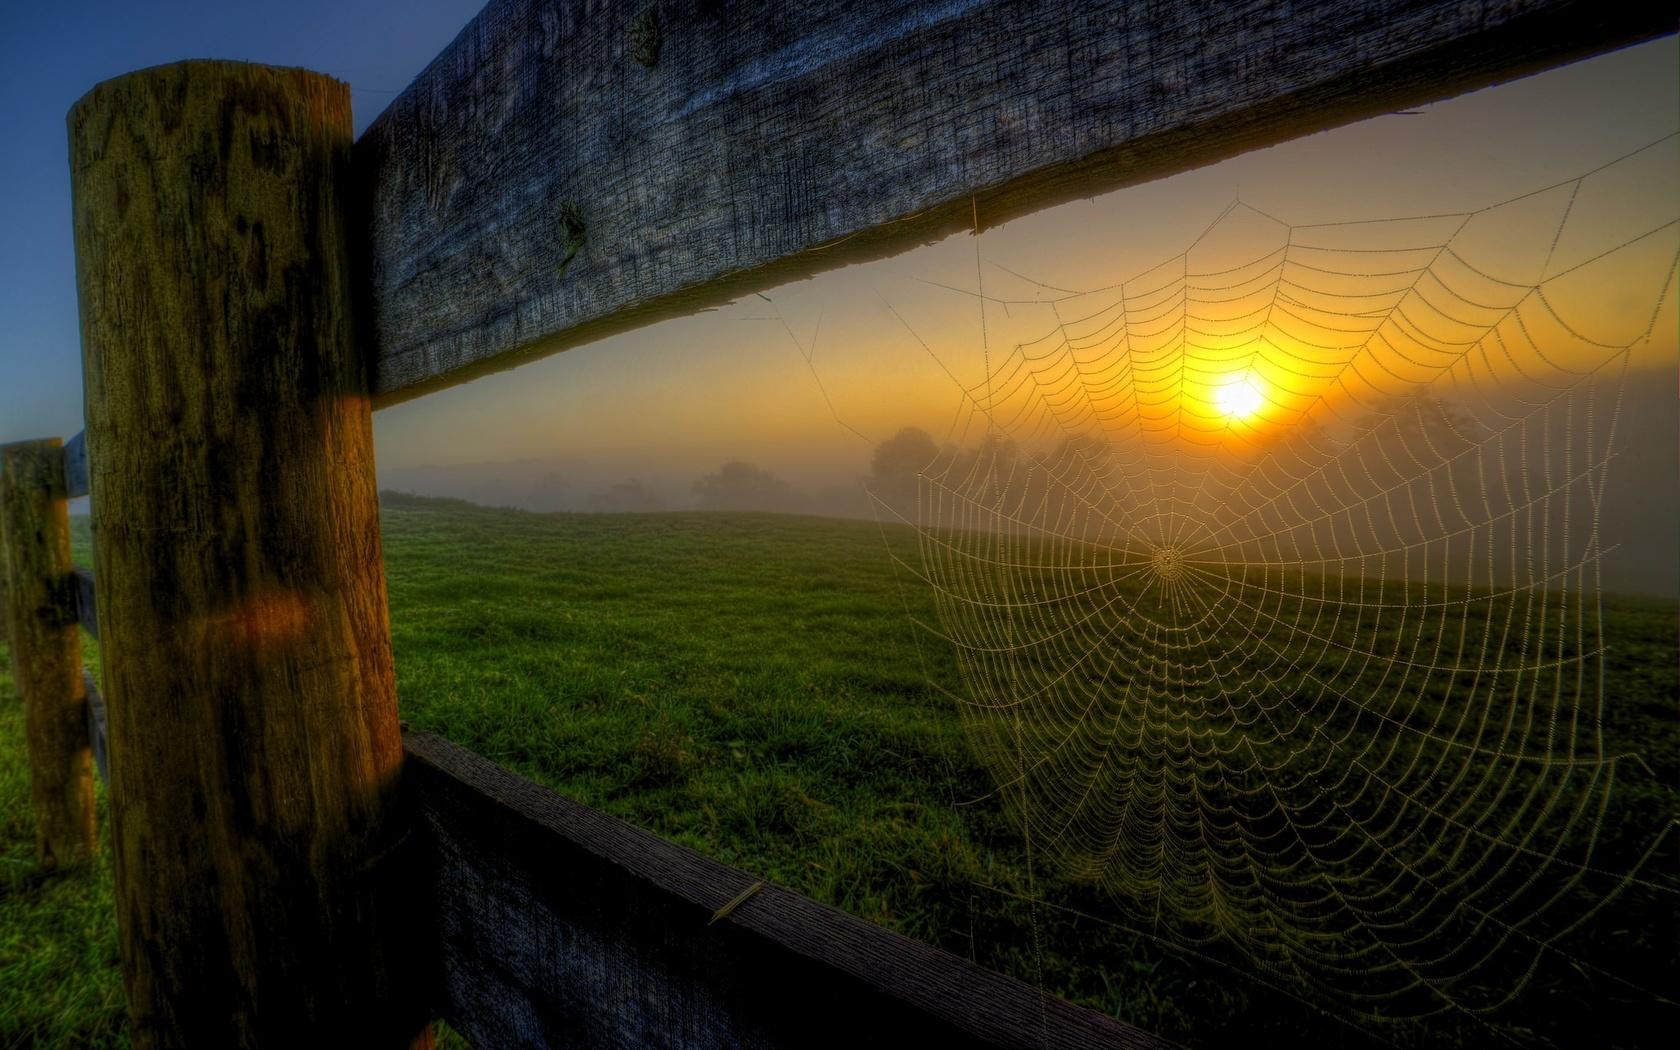 природа, пейзаж, поле, трава, забор, ограждение, паутина, вечер, закат, солнце